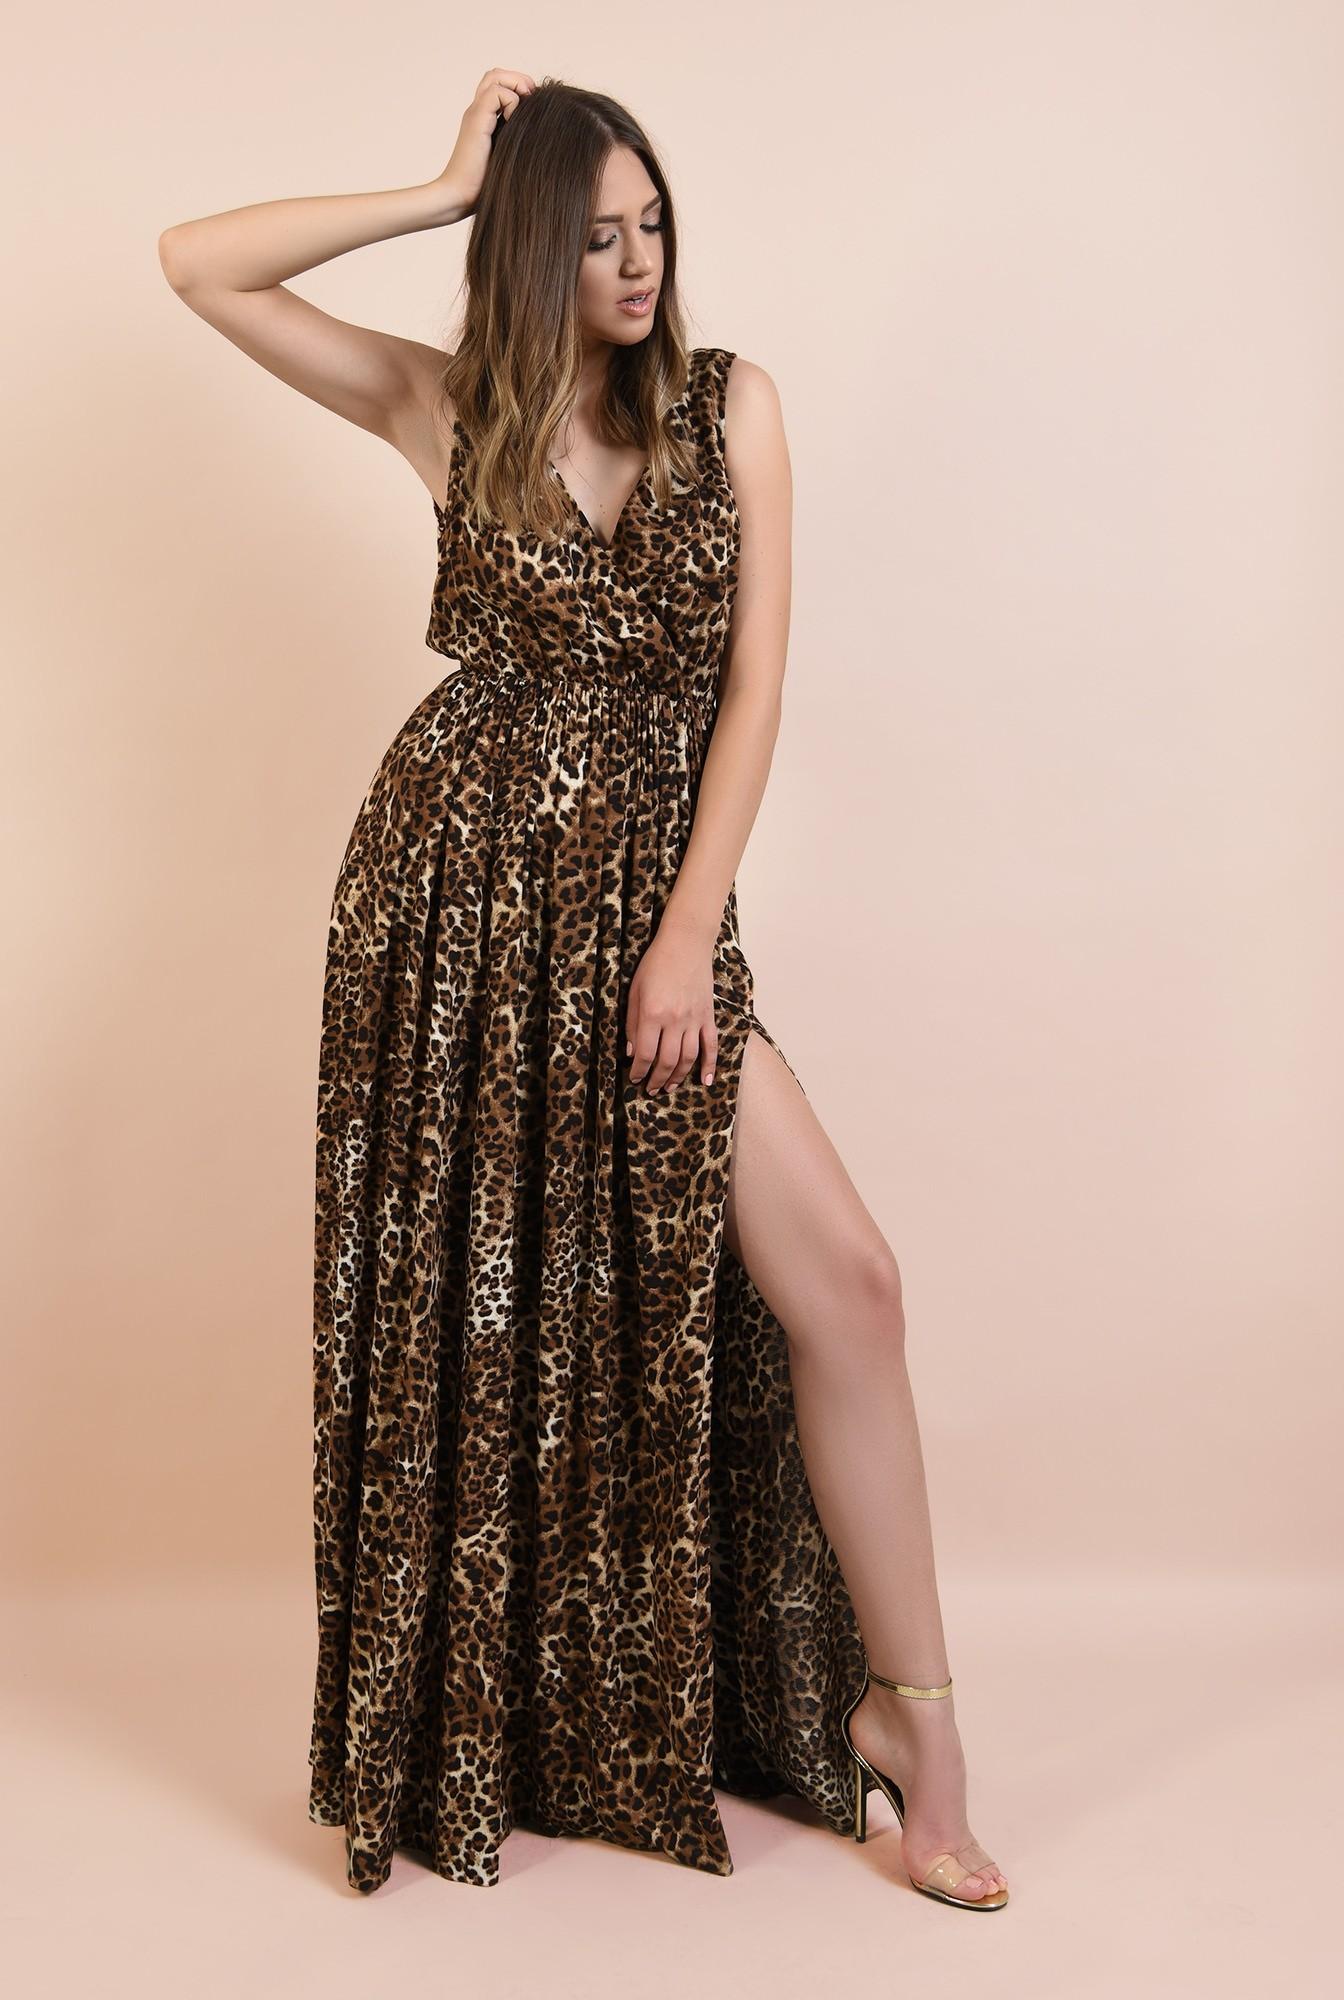 360 - rochie de seara, lunga, cu slit, animal print, decolteu anchior, Poema